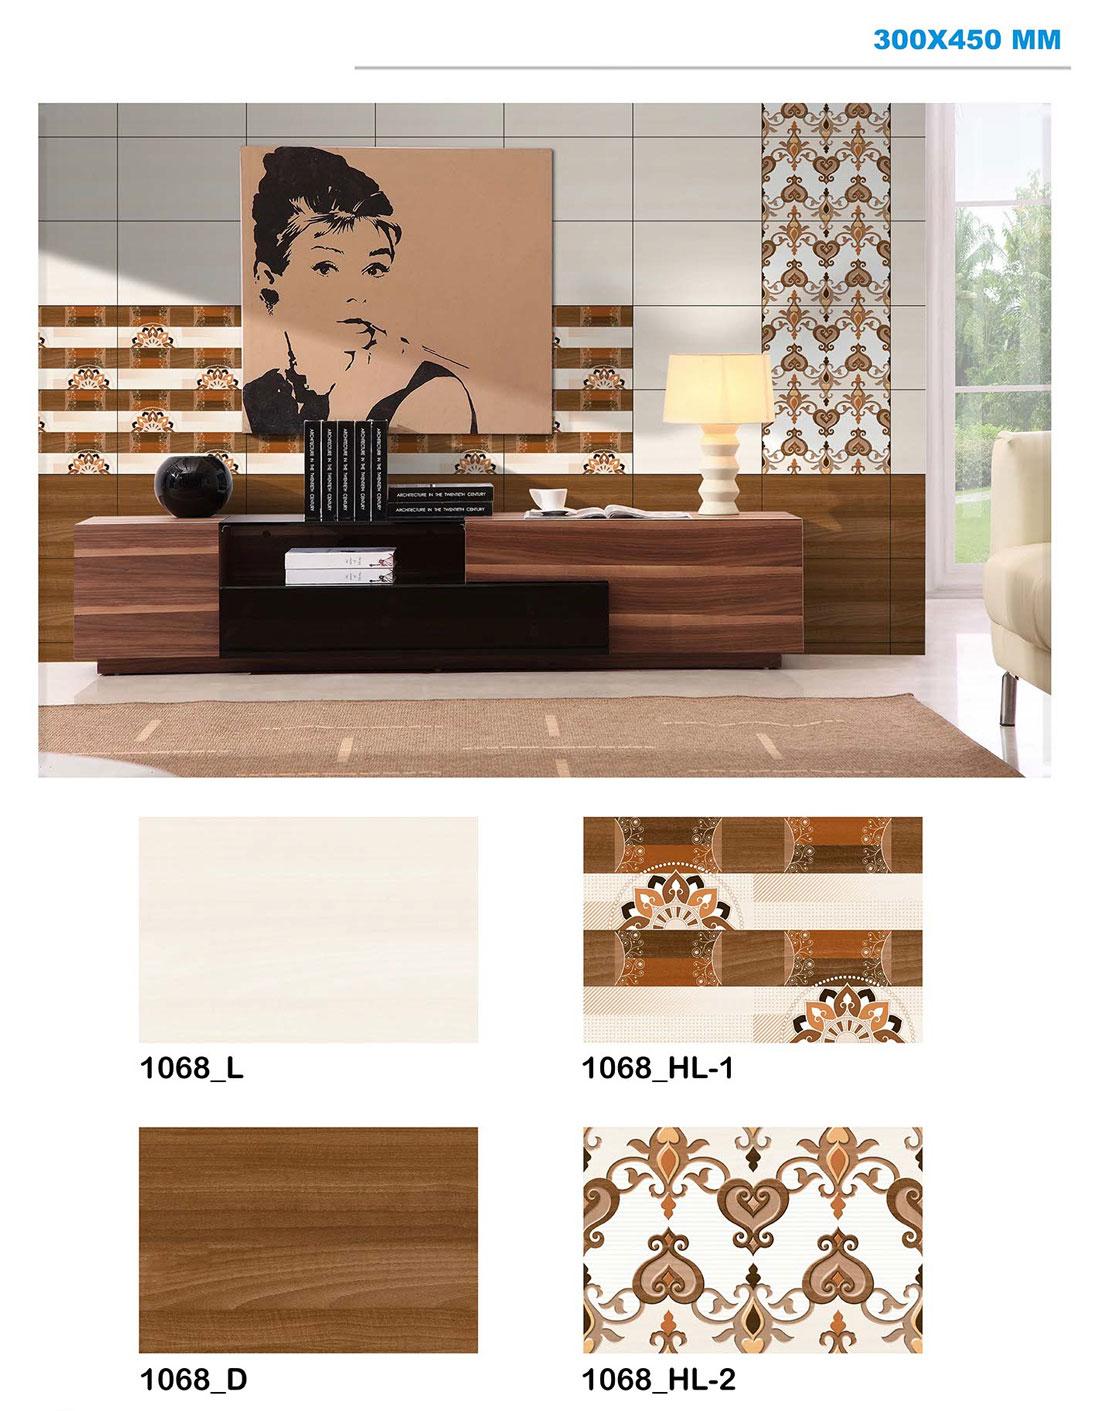 digital wall tiles 12x18 300x450mm